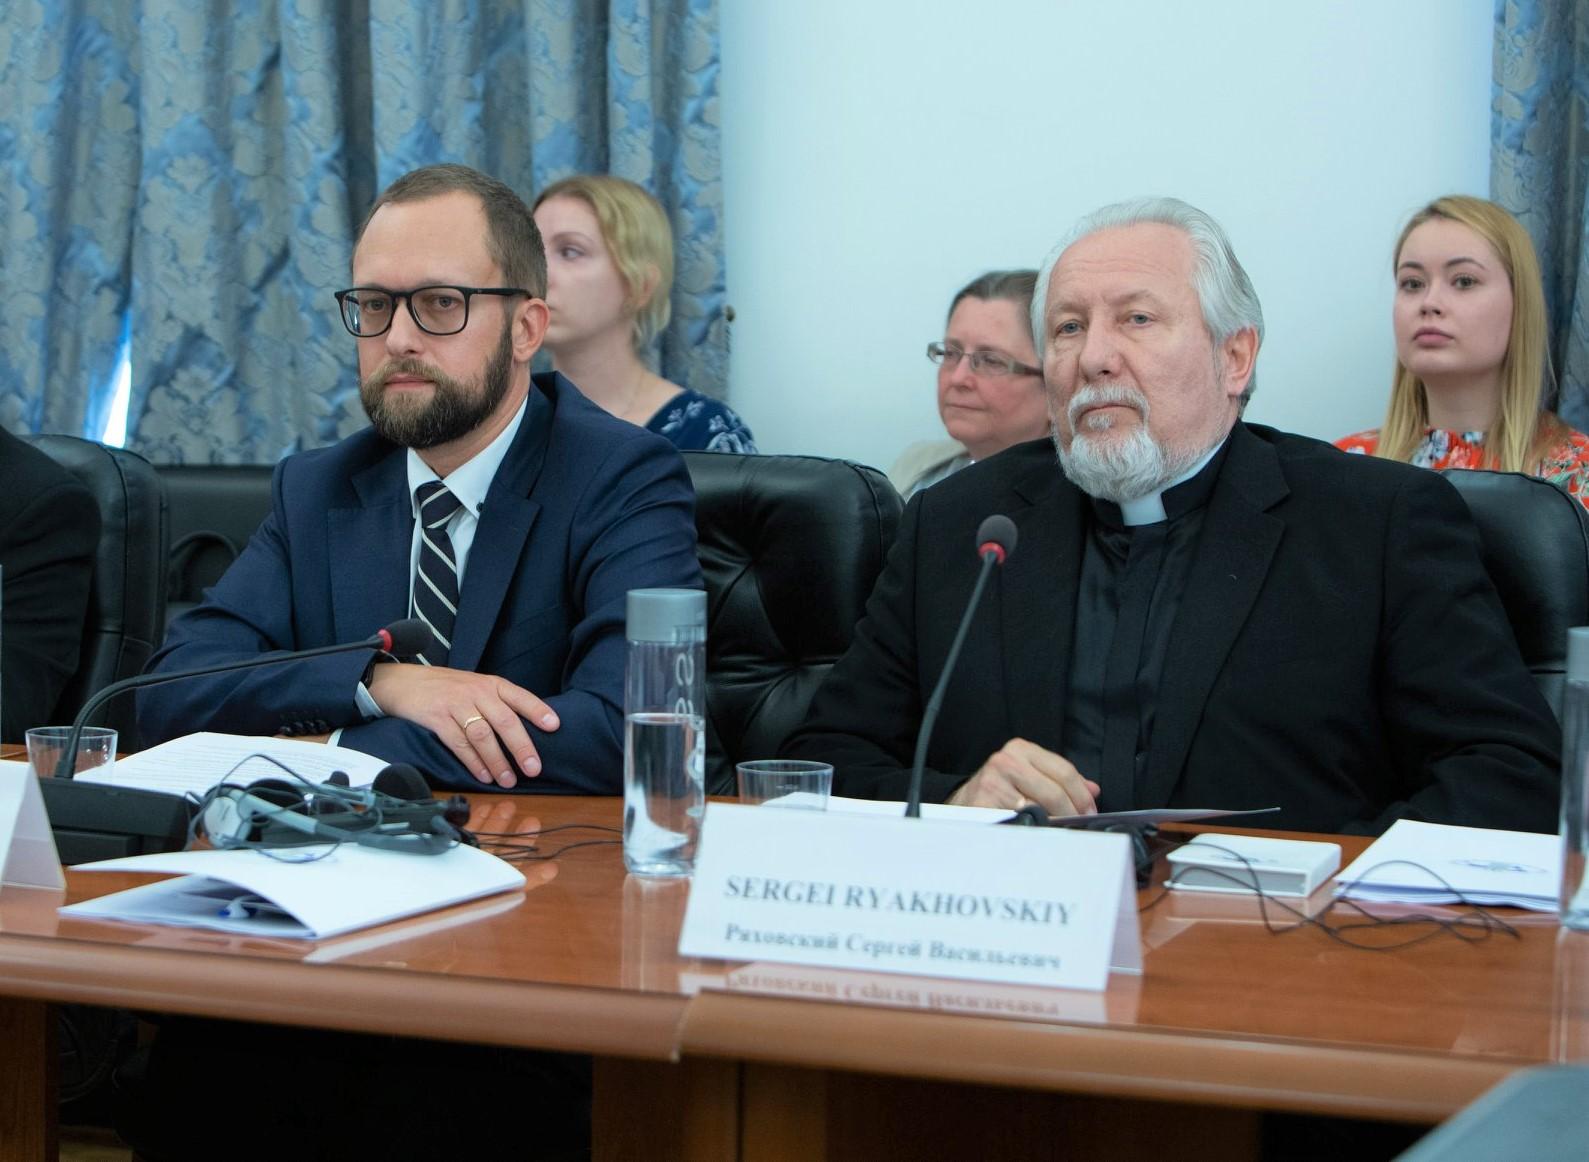 Ряховский: не может быть христианского государства - только светское